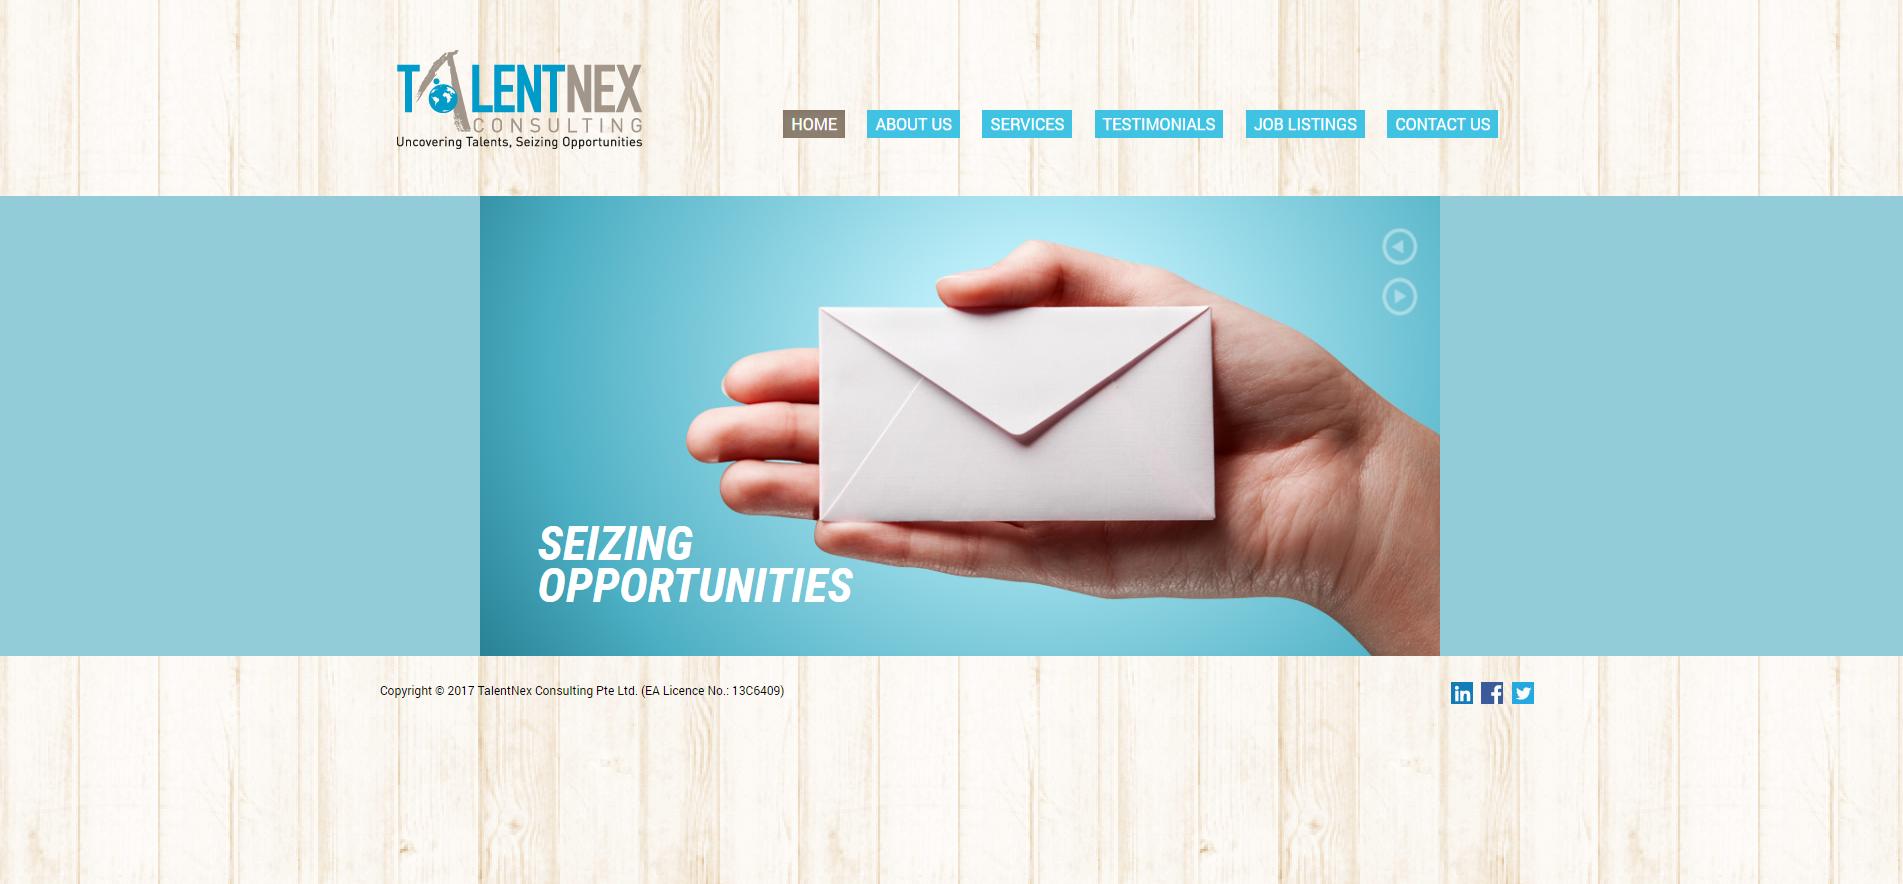 Talentnex homepage